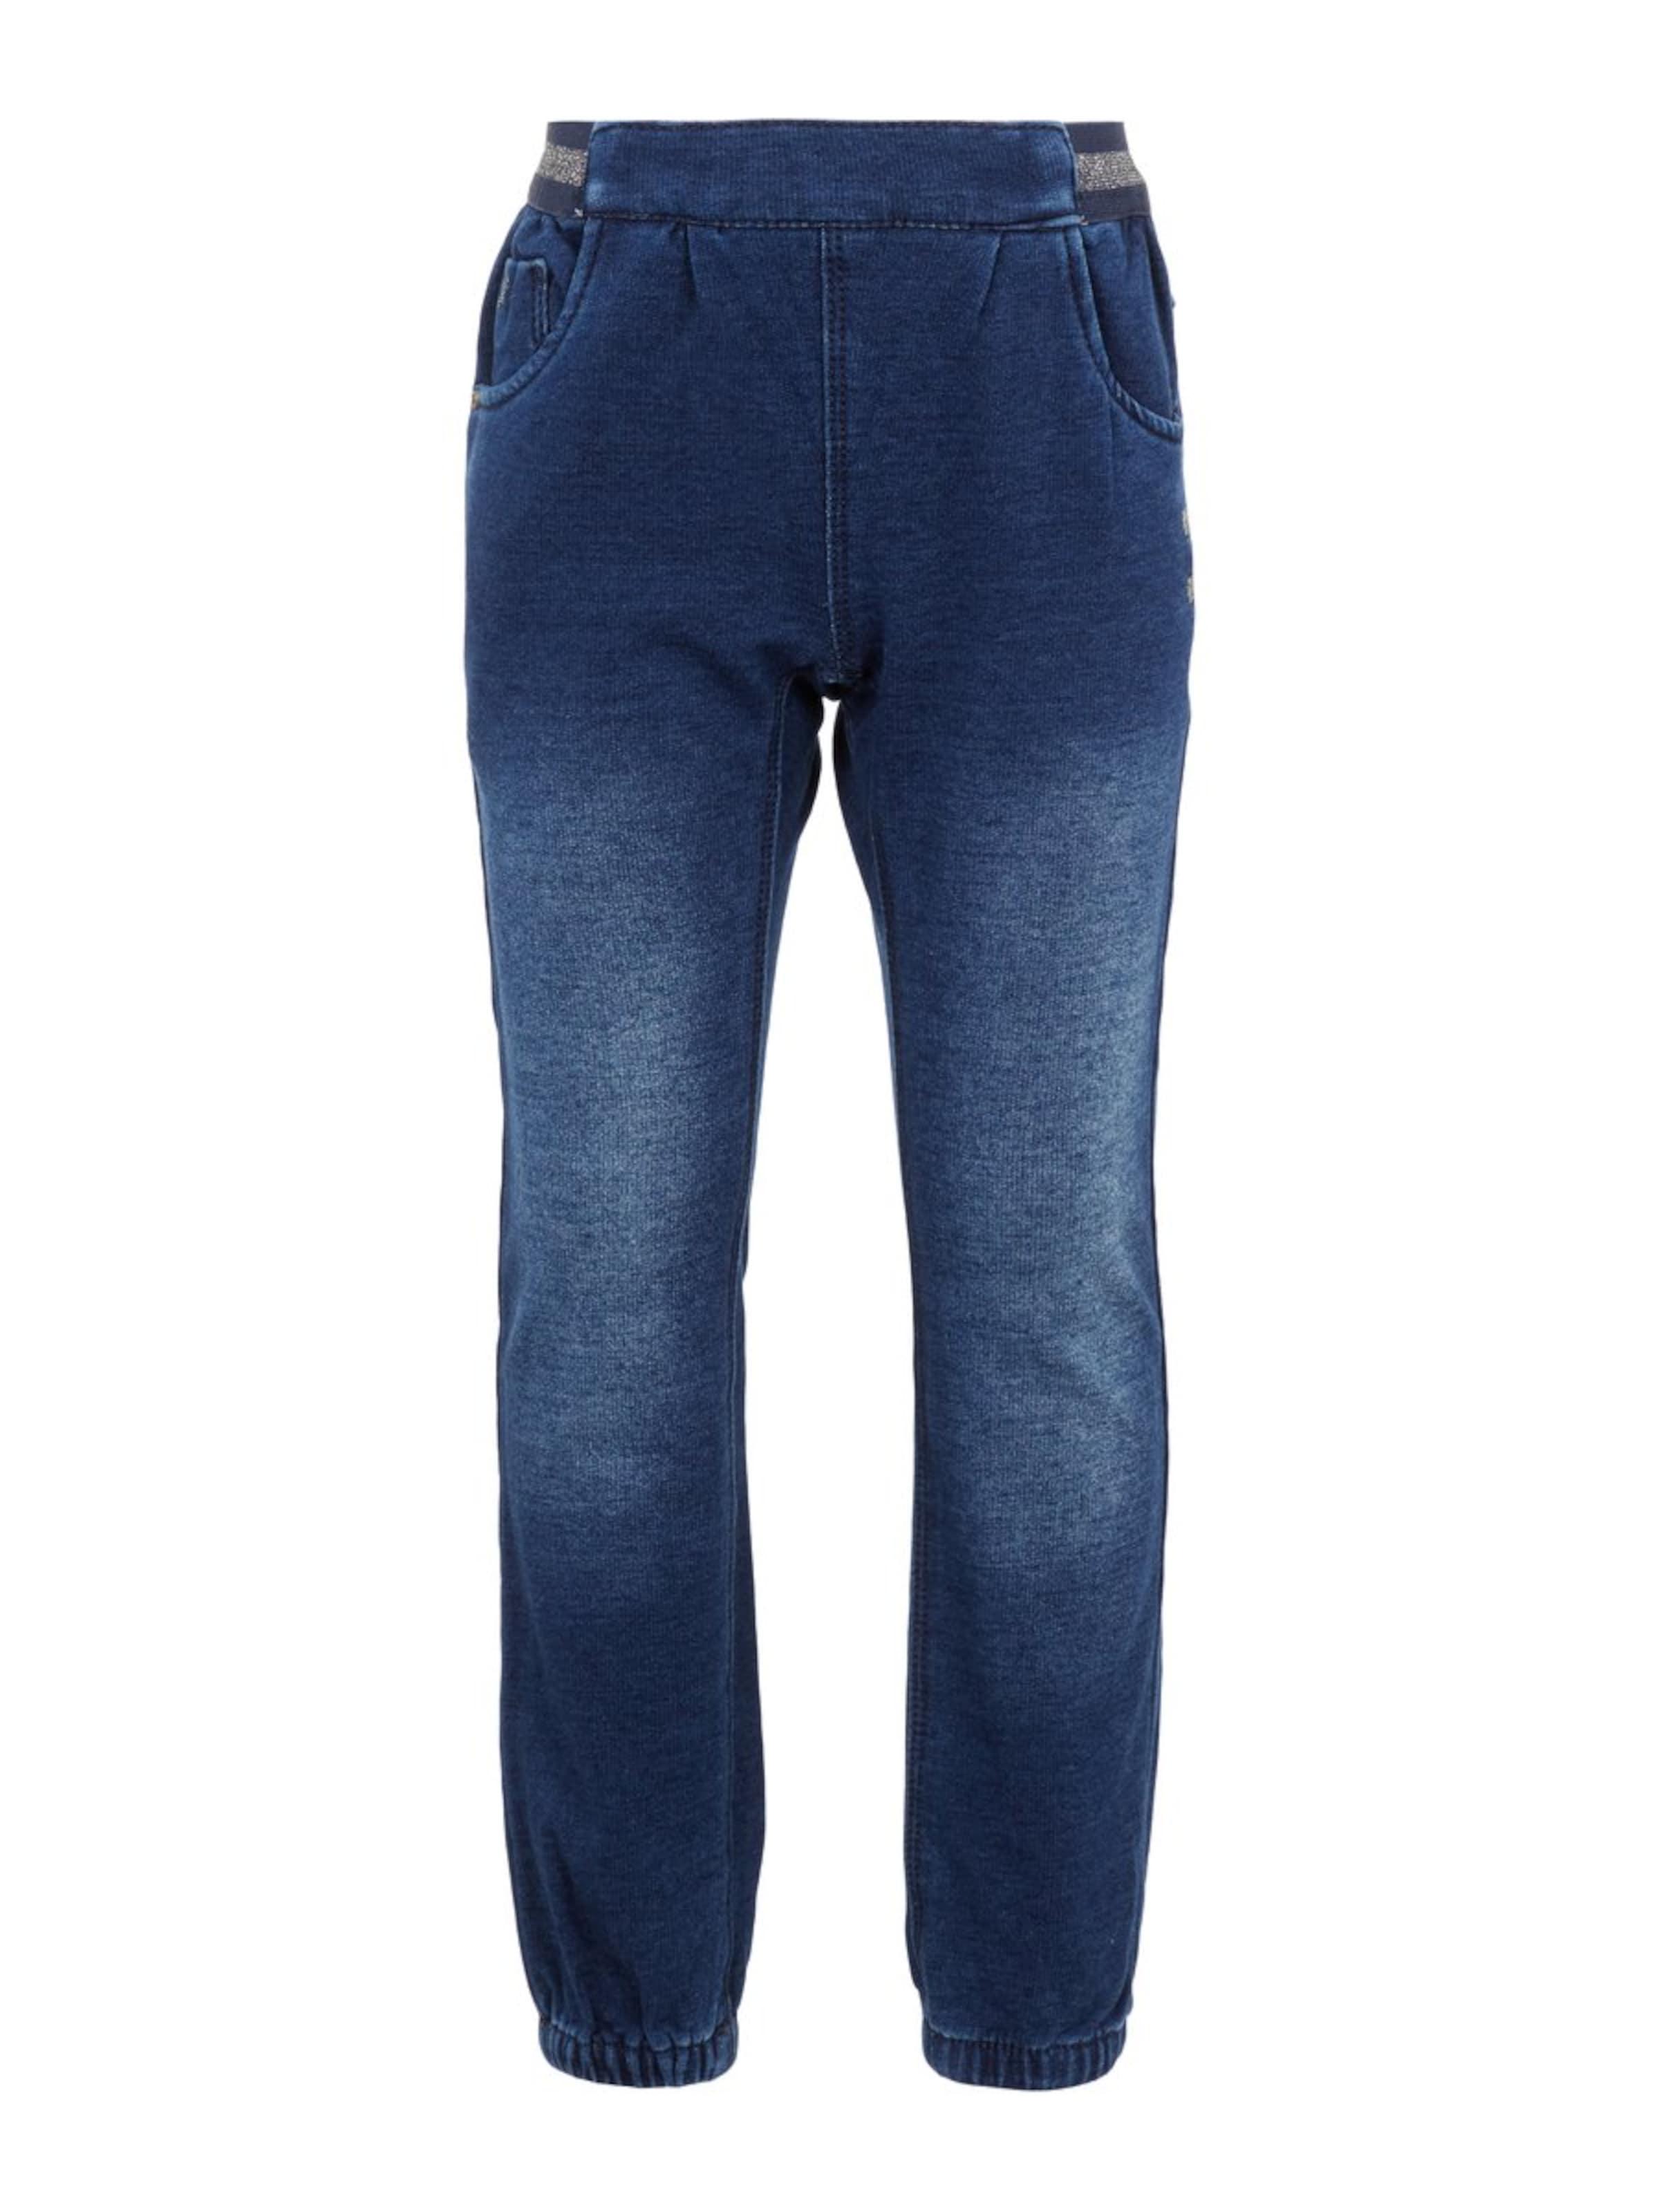 Kinder,  Mädchen,  Kinder NAME IT Jeans blau | 05713756371229